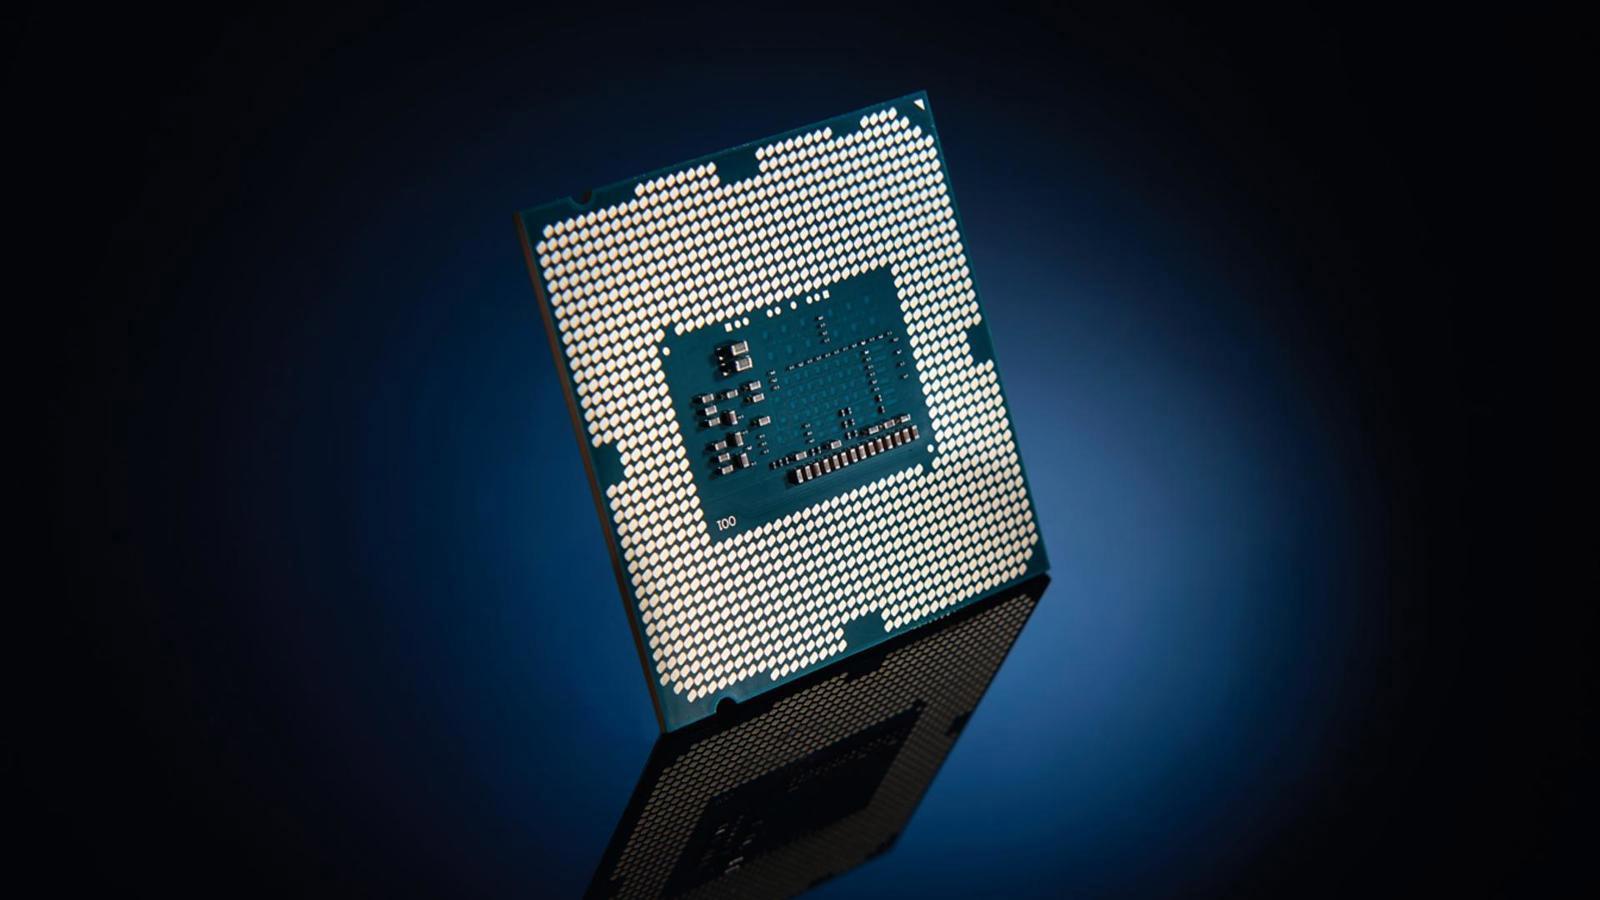 Intel Comet Lake-S prozesadoreek apirilaren amaieran estreinatuko dute seguruenik